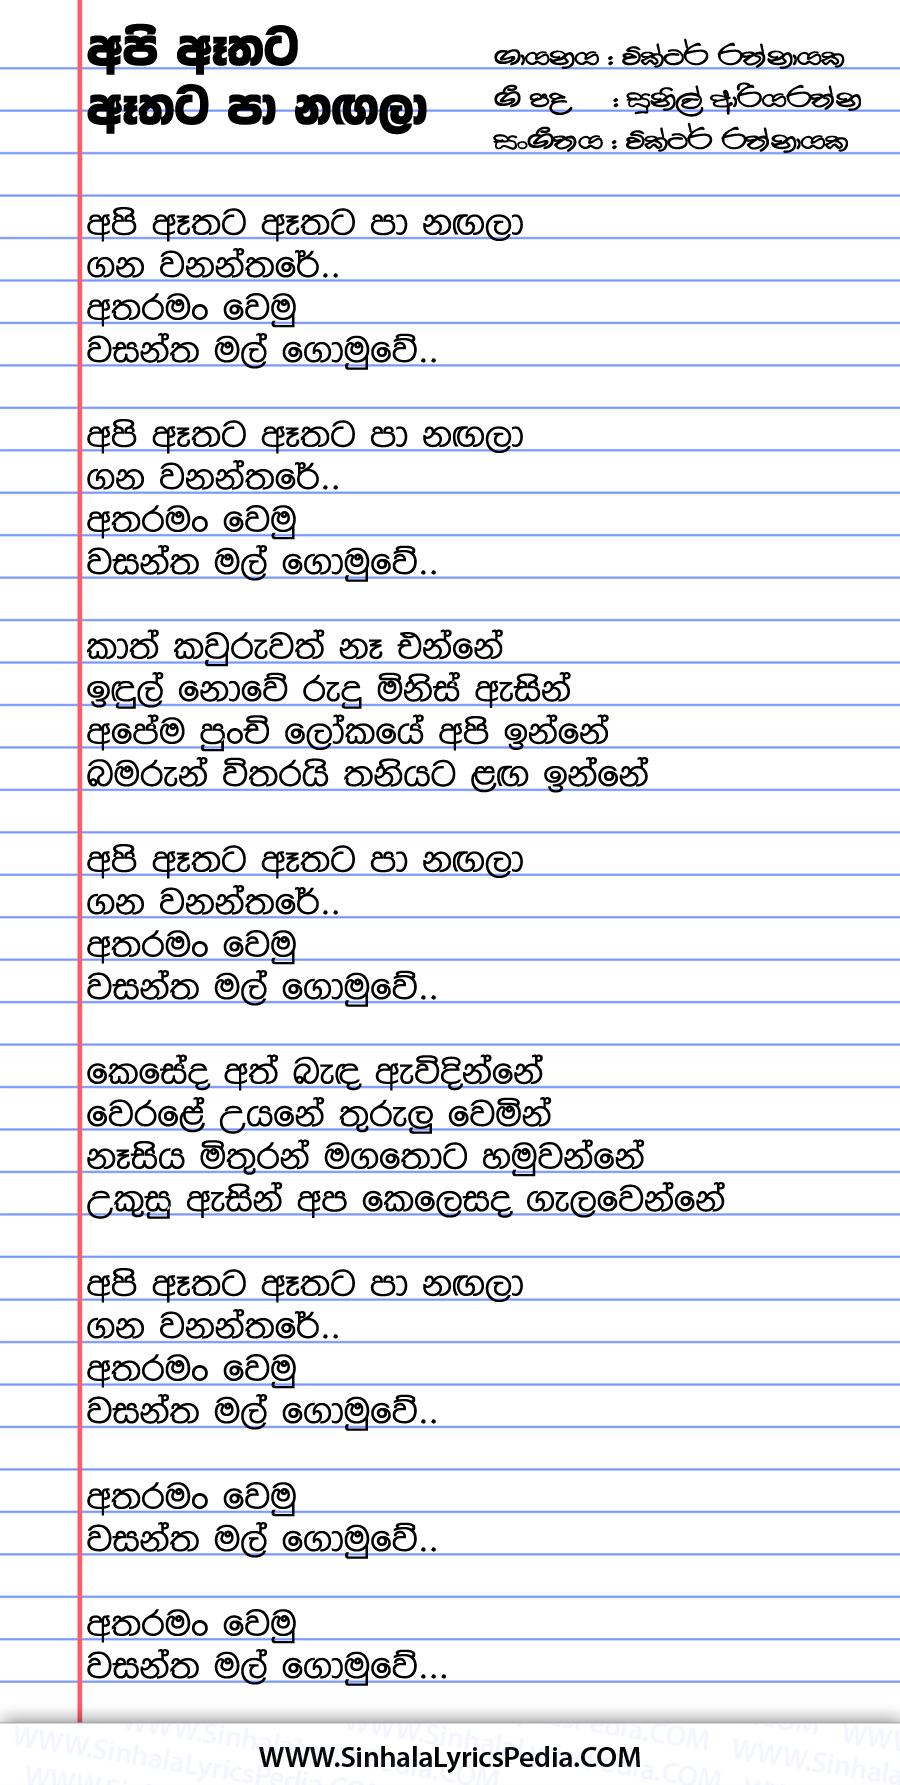 Api Athata Athata Paa Nagala Song Lyrics